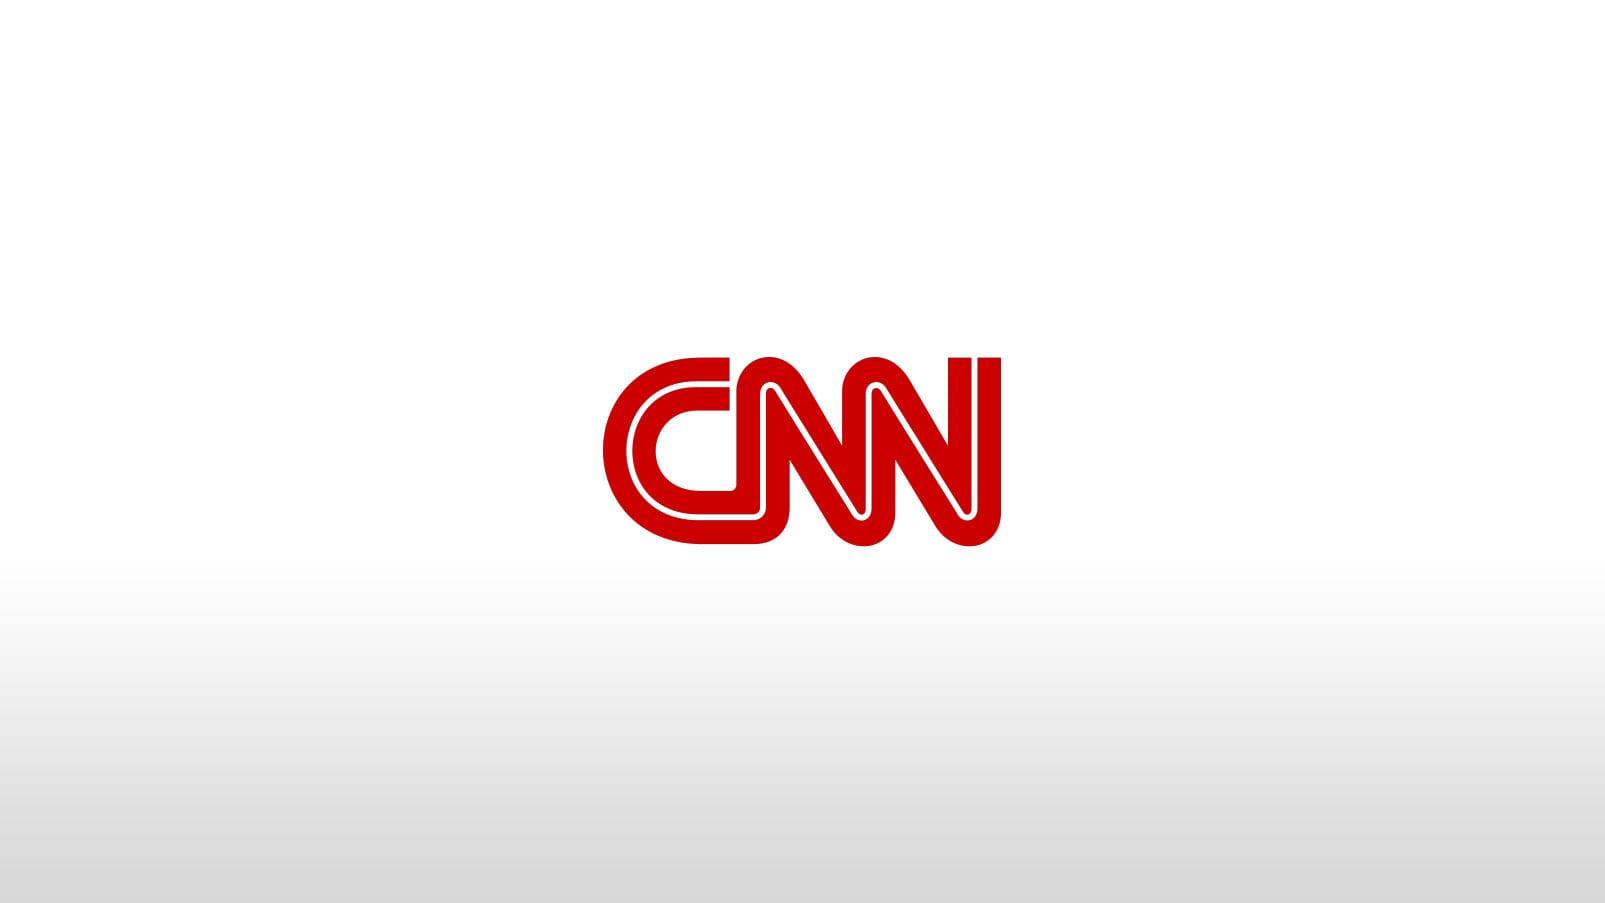 CNN Secret service